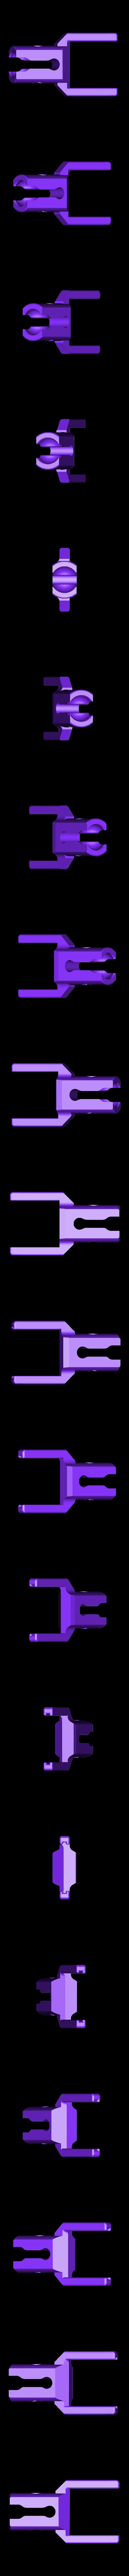 LinkM3_PiCam_orig.stl Download free STL file Raspberry PI CAM Holder • 3D printable object, a69291954